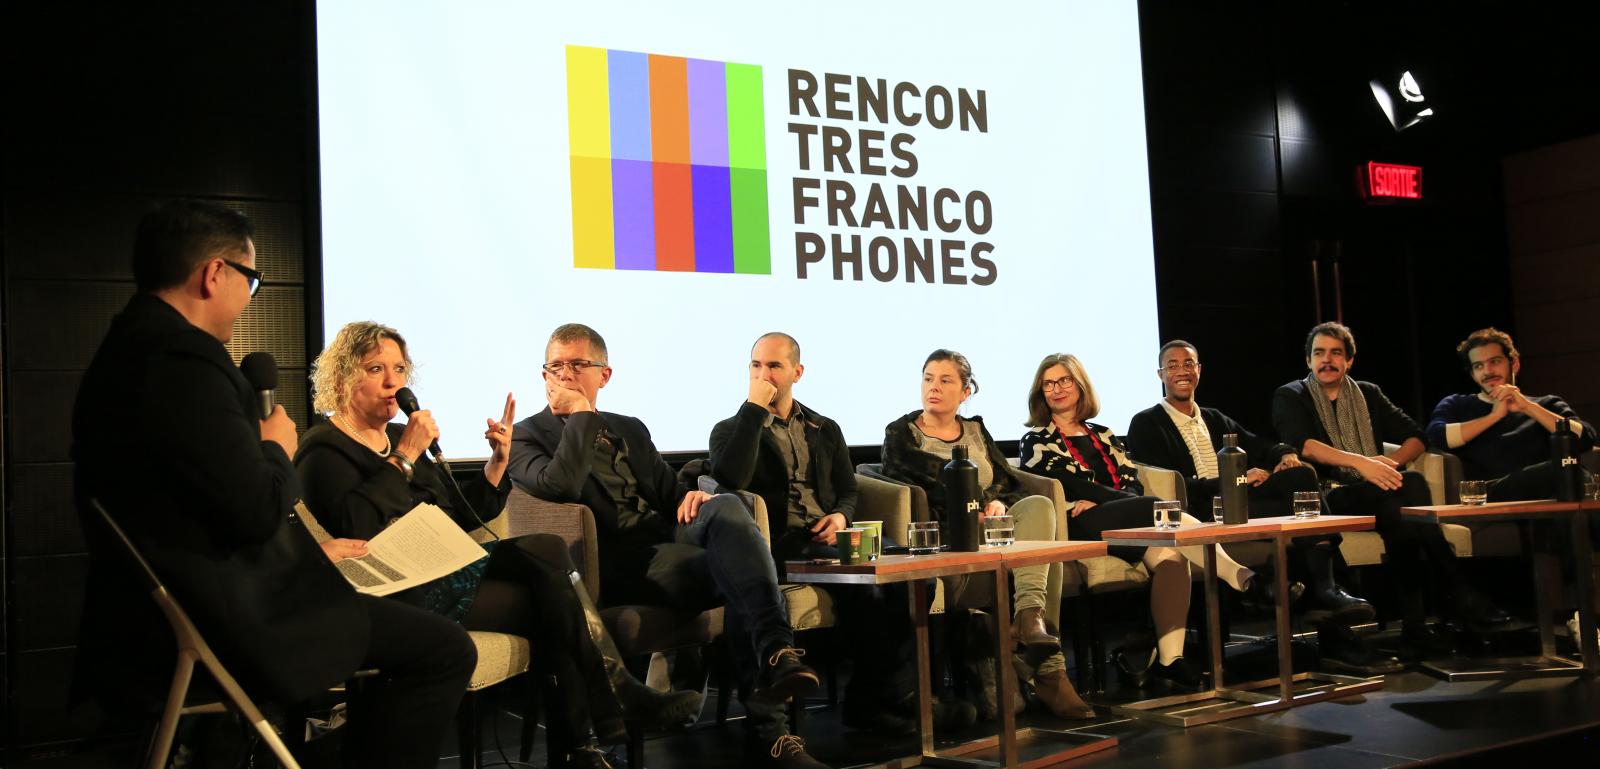 La 2e édition des Rencontres francophones à Montréal couronnée d'un franc succès!